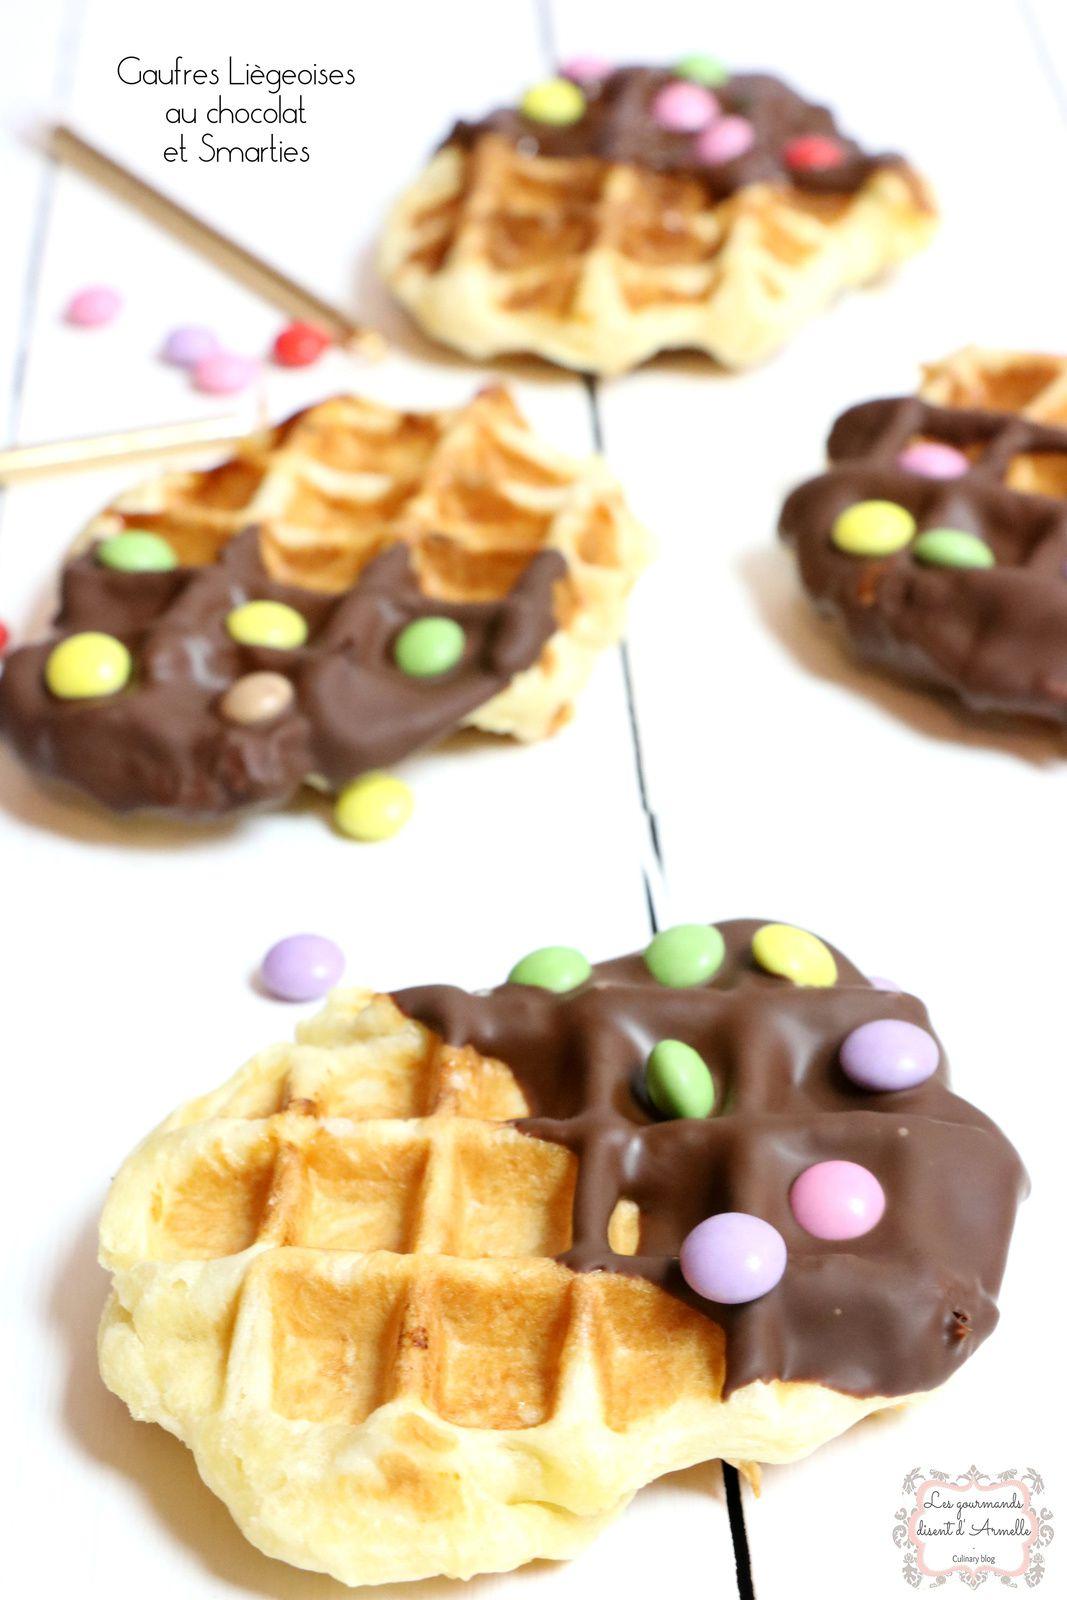 | Gaufres liégeoises au chocolat et Smarties | © Les Gourmands {disent} d'Armelle